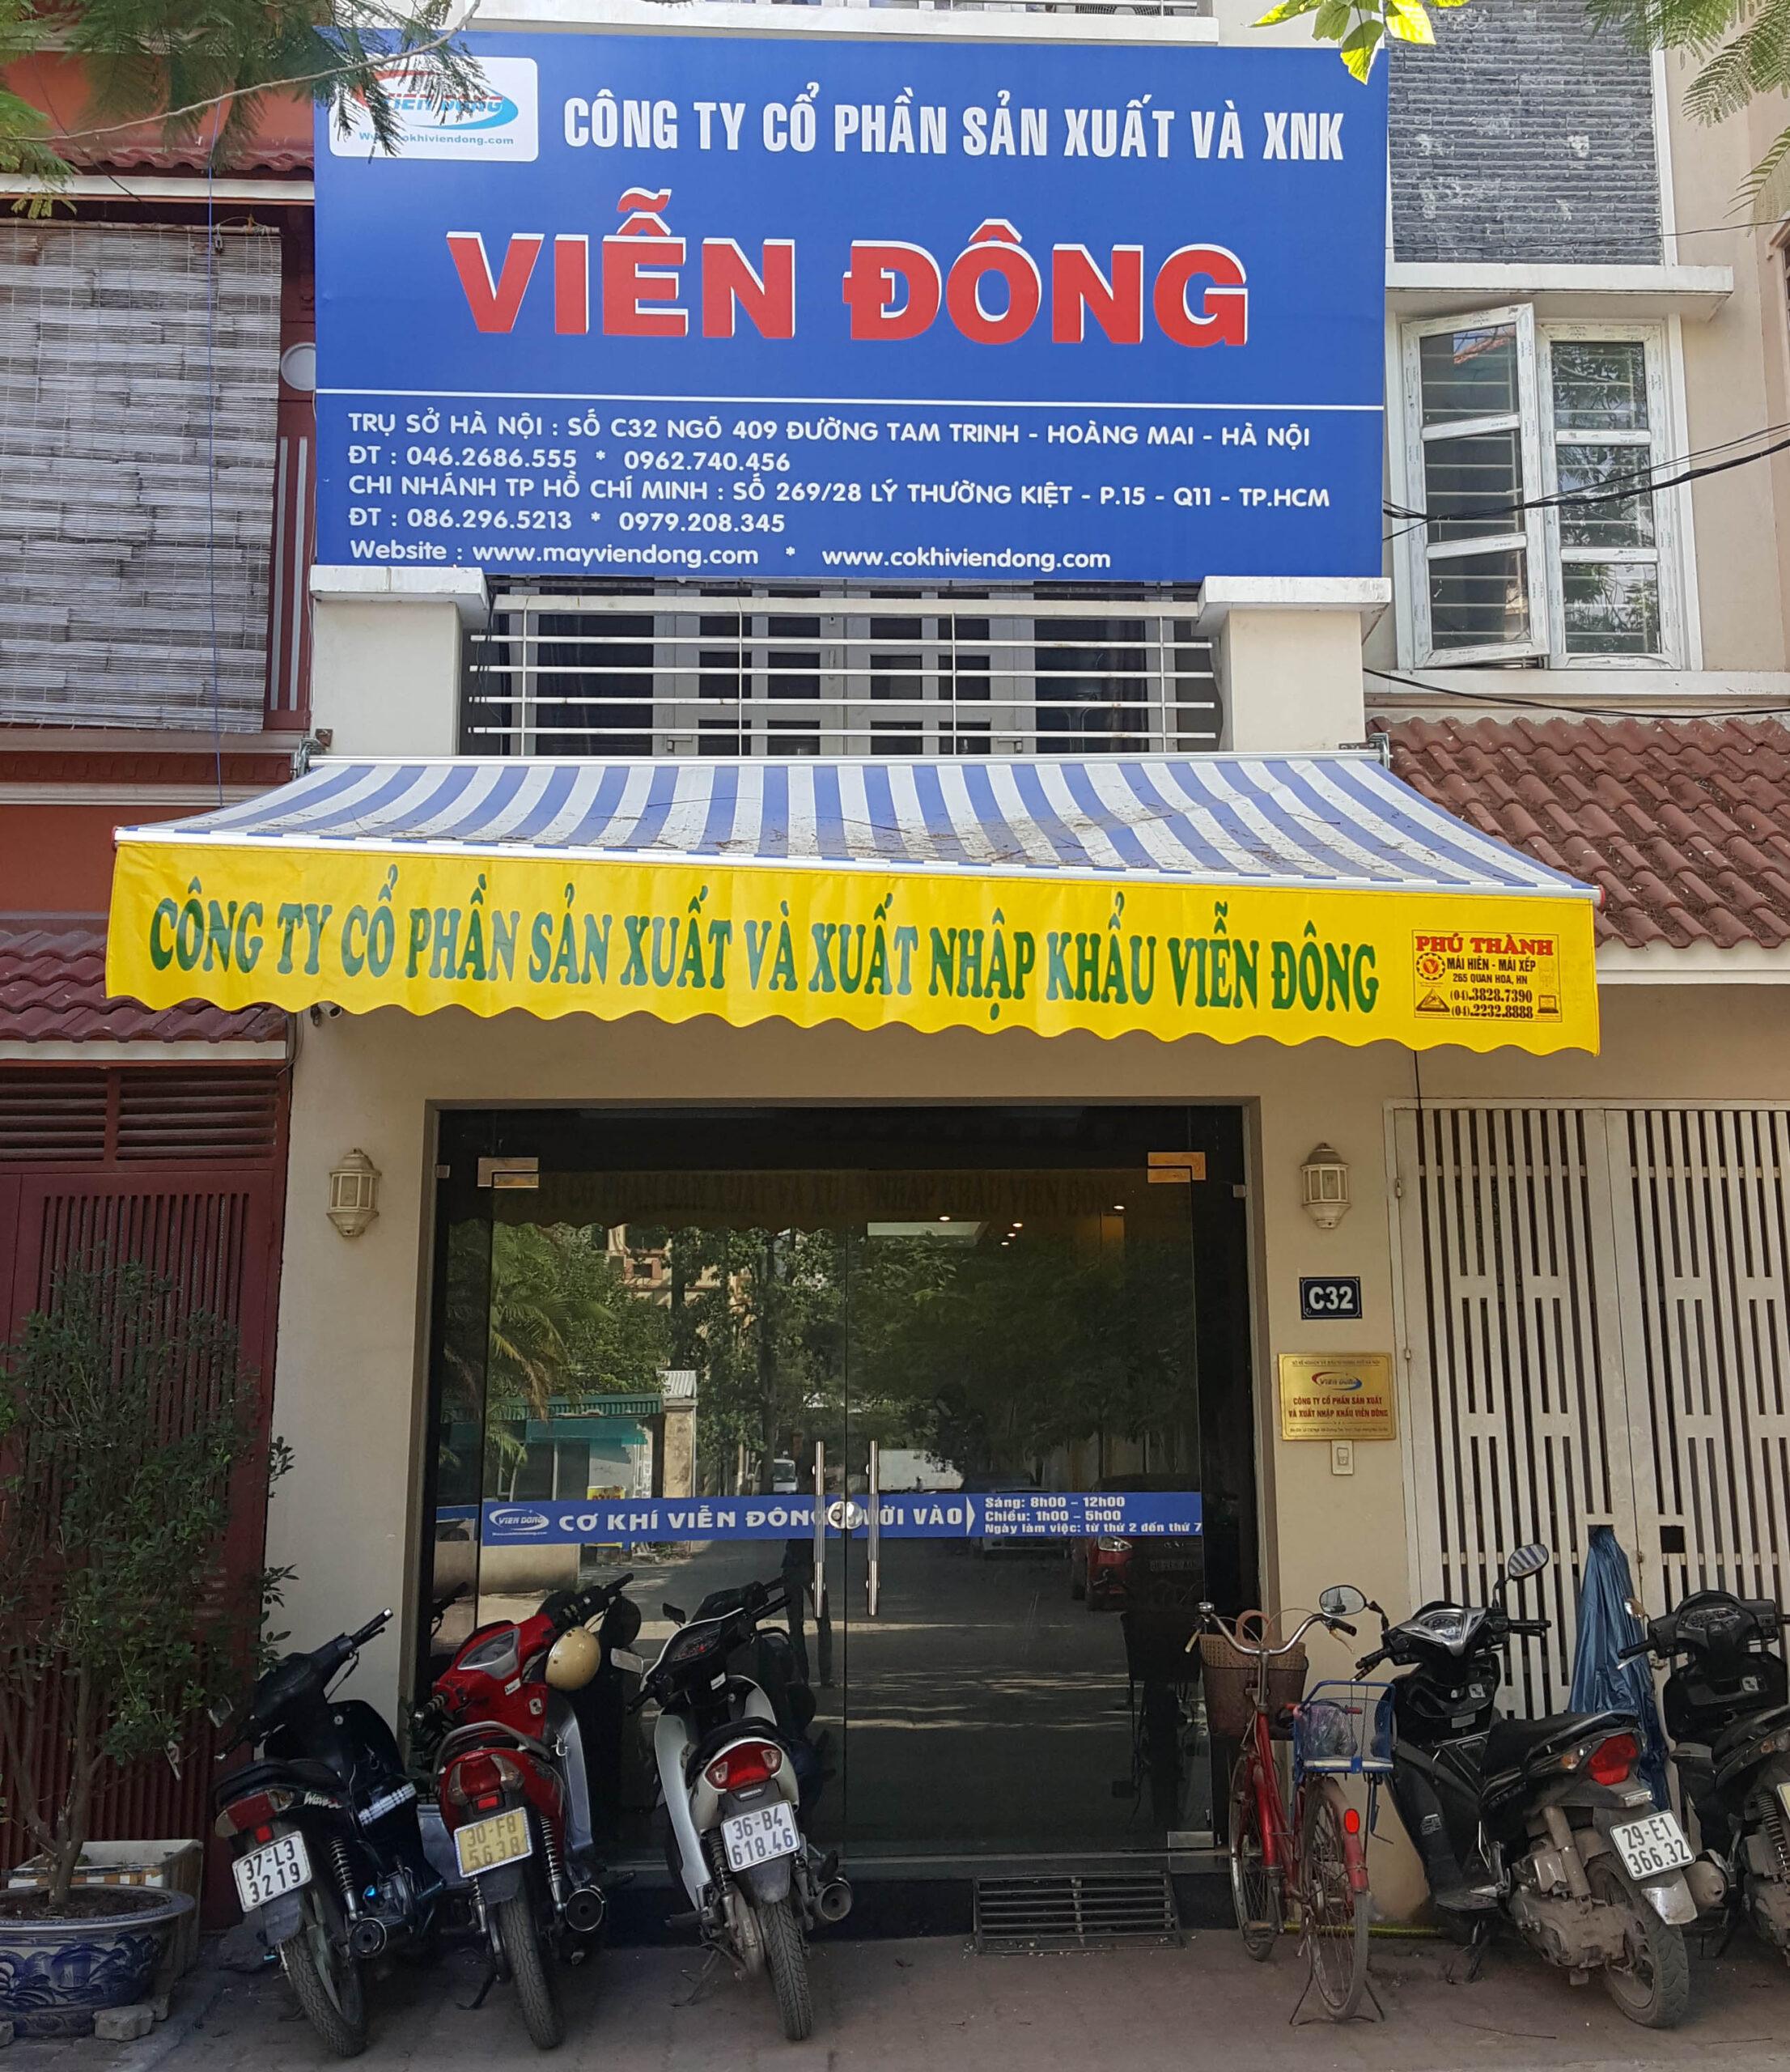 chi nhánh của Viễn Đông tại Hà Nội